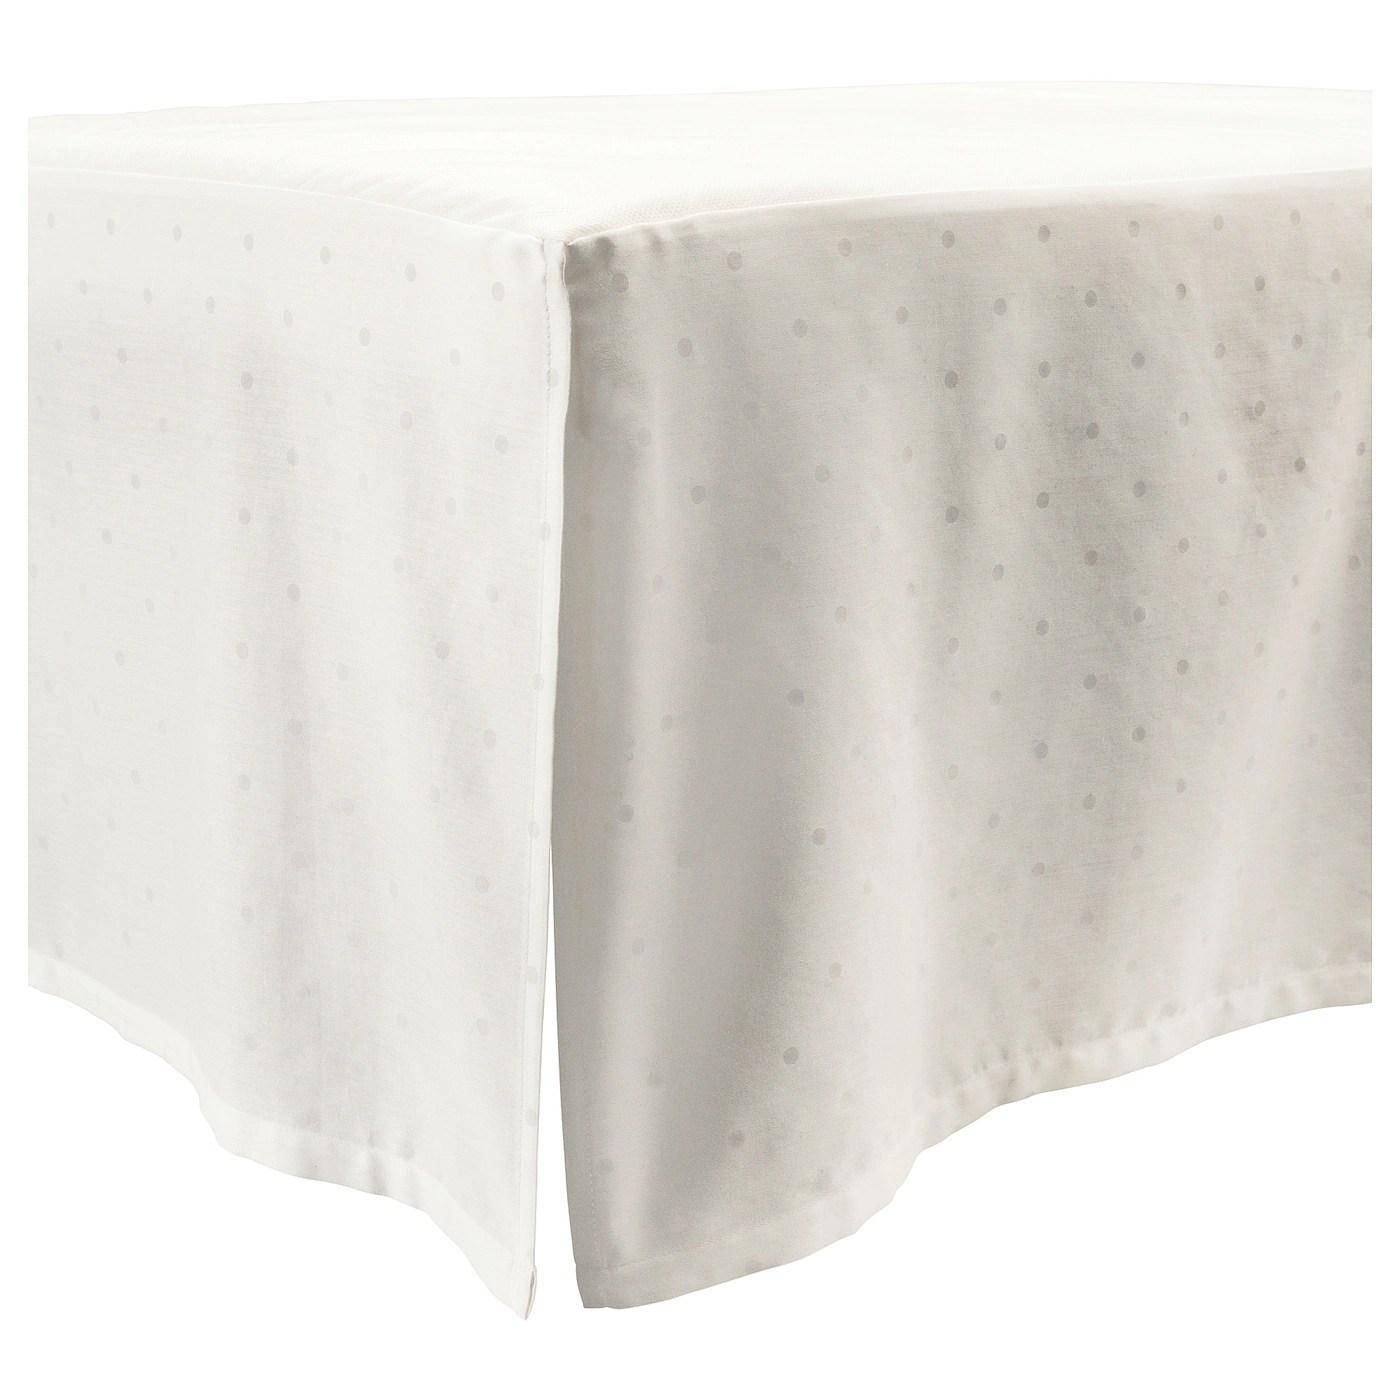 Lenast Jupe De Lit A Pois Blanc 60x120 Cm Ikea